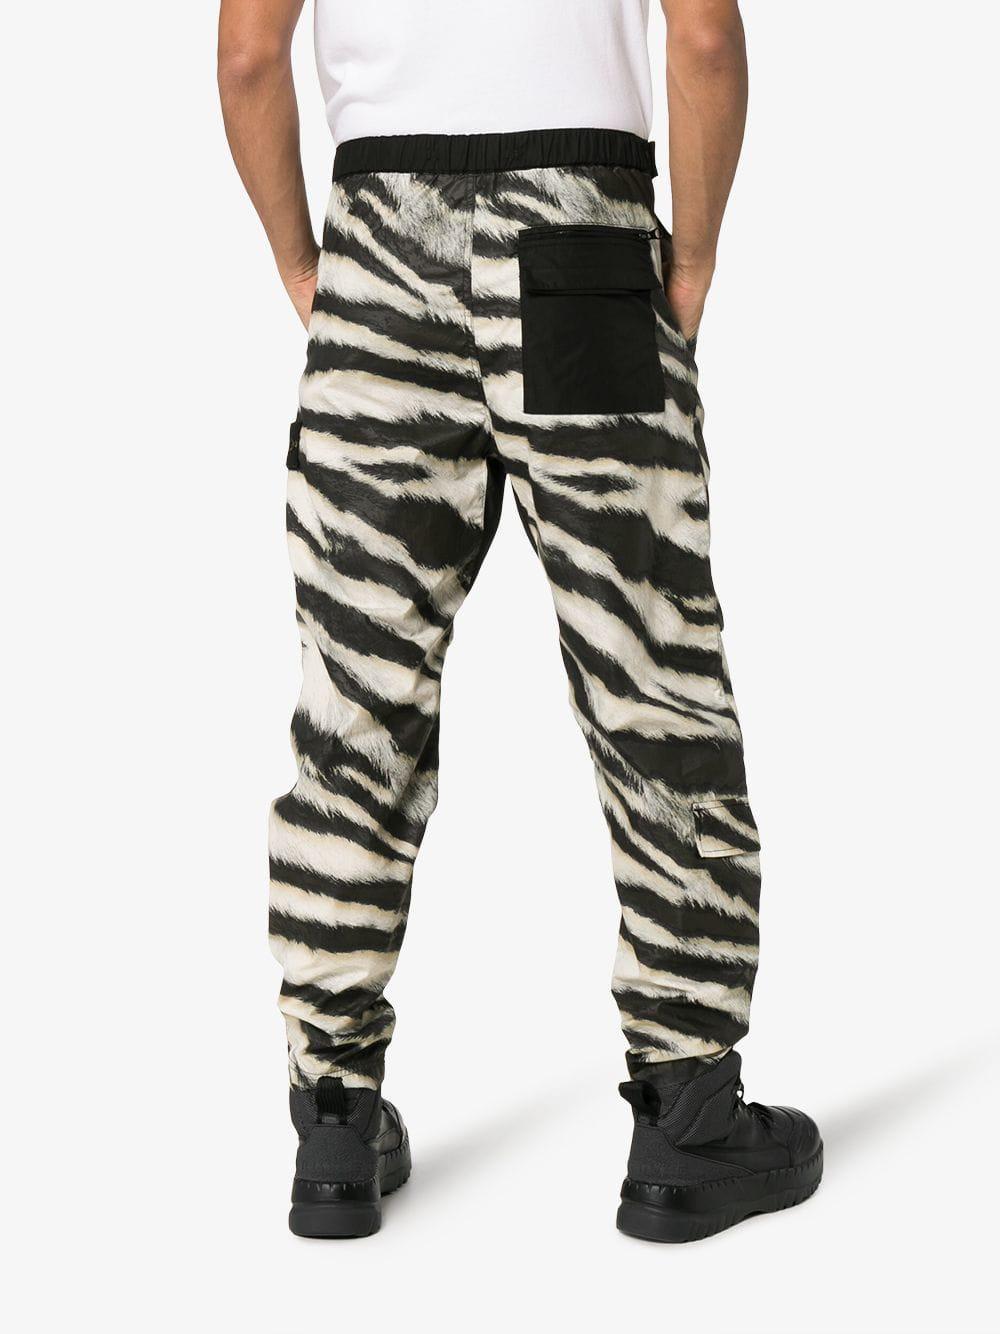 Desert Camo Zubaz Pants Zubaz Pants New Camo